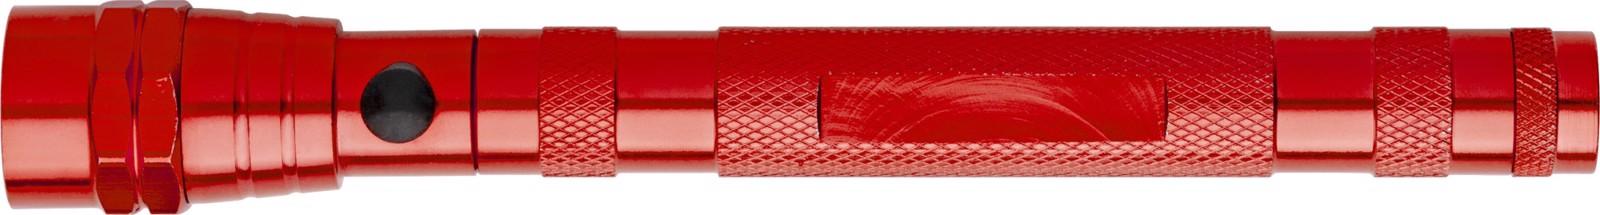 Aluminium torch - Red